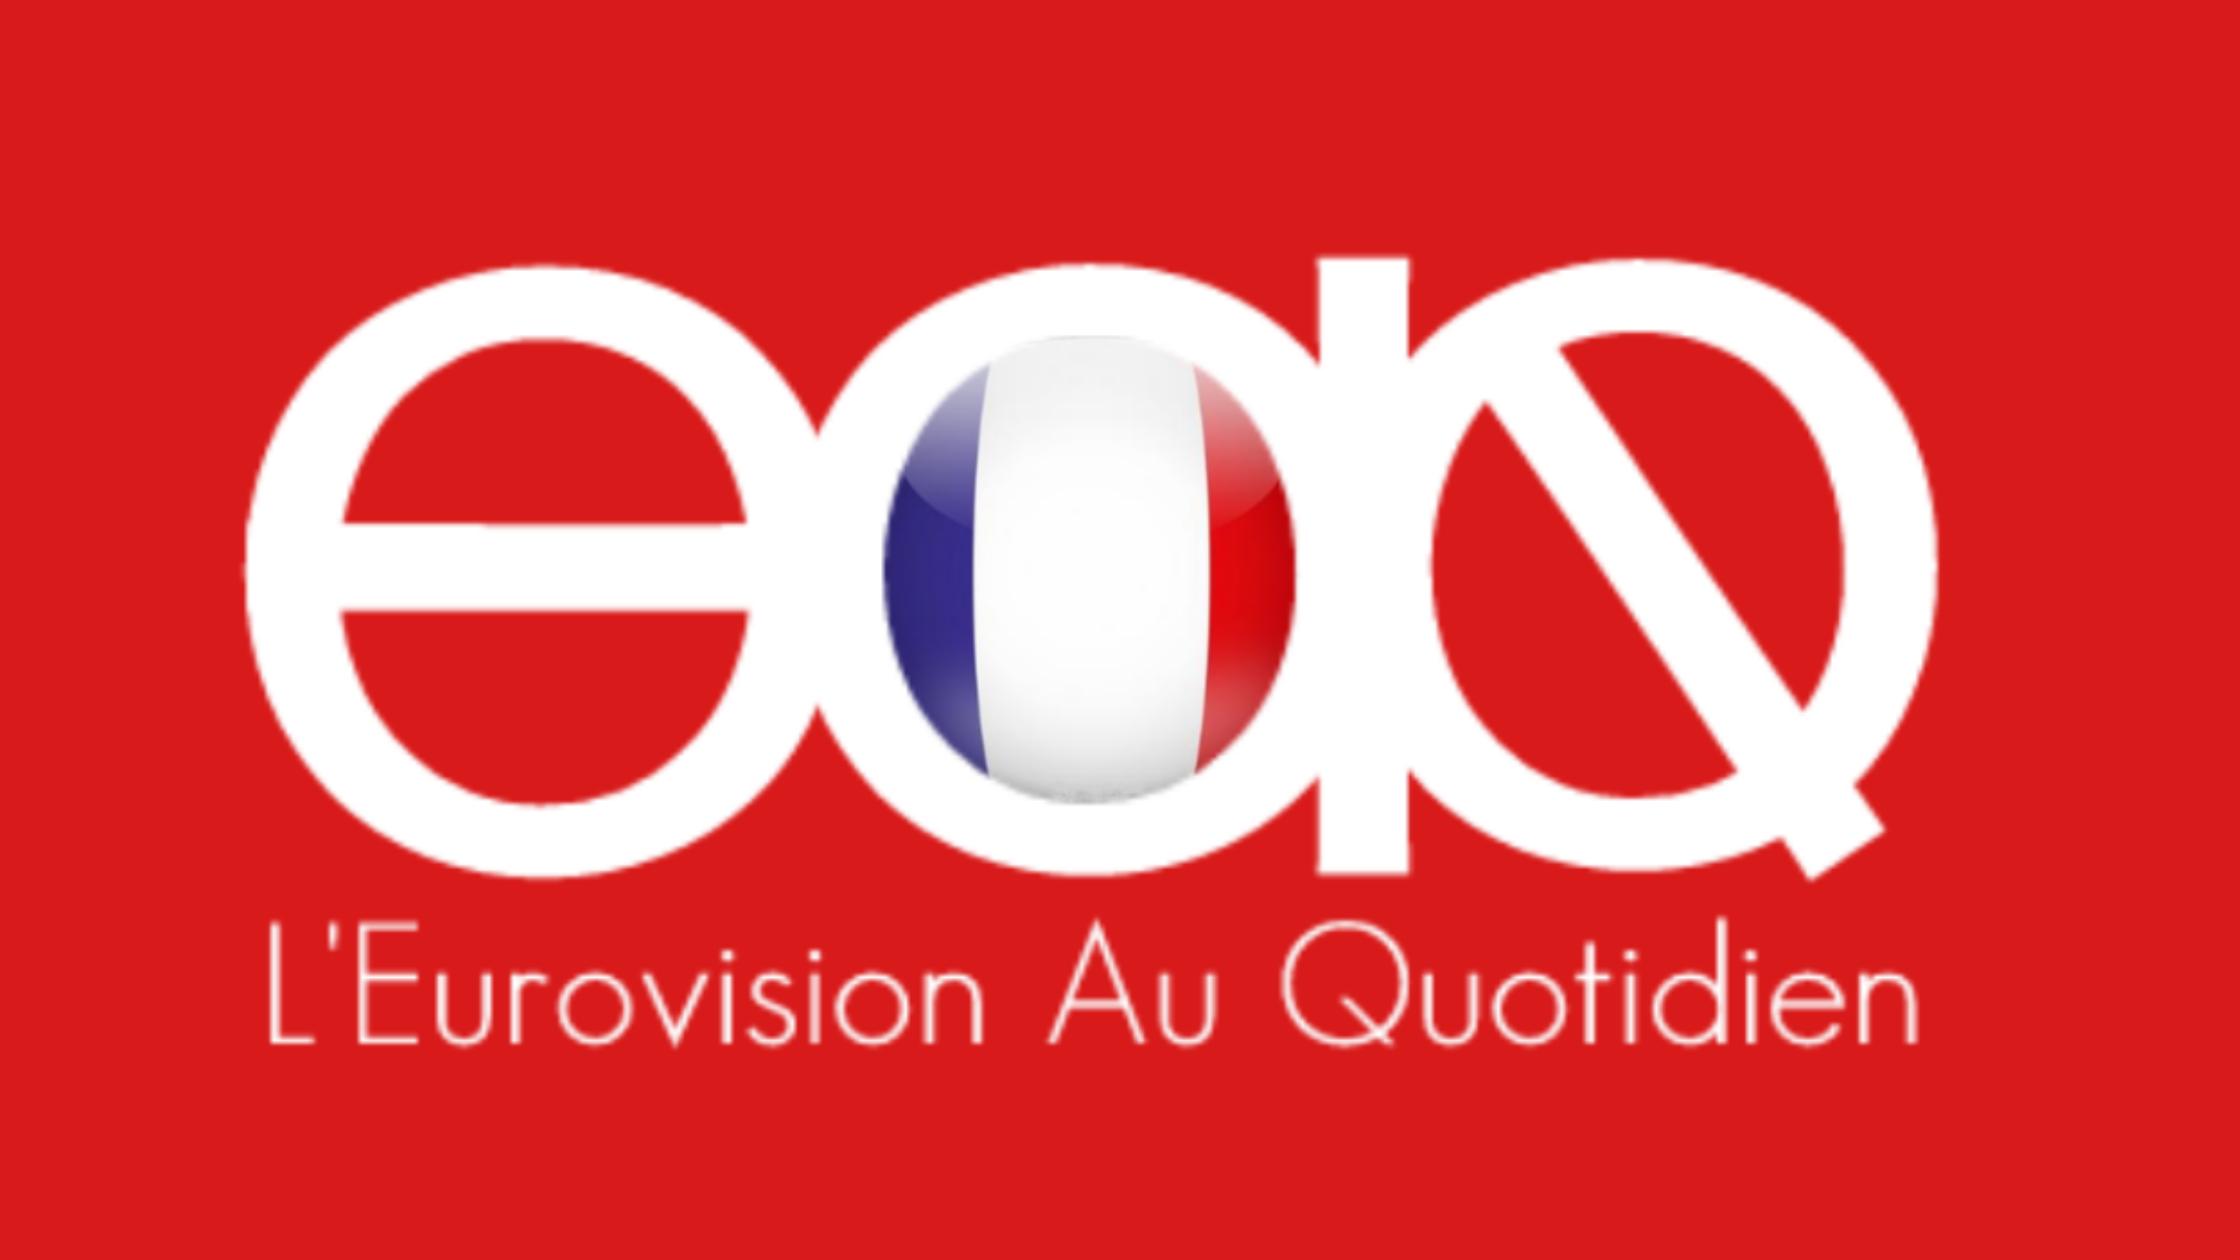 L'Eurovision au Quotidien